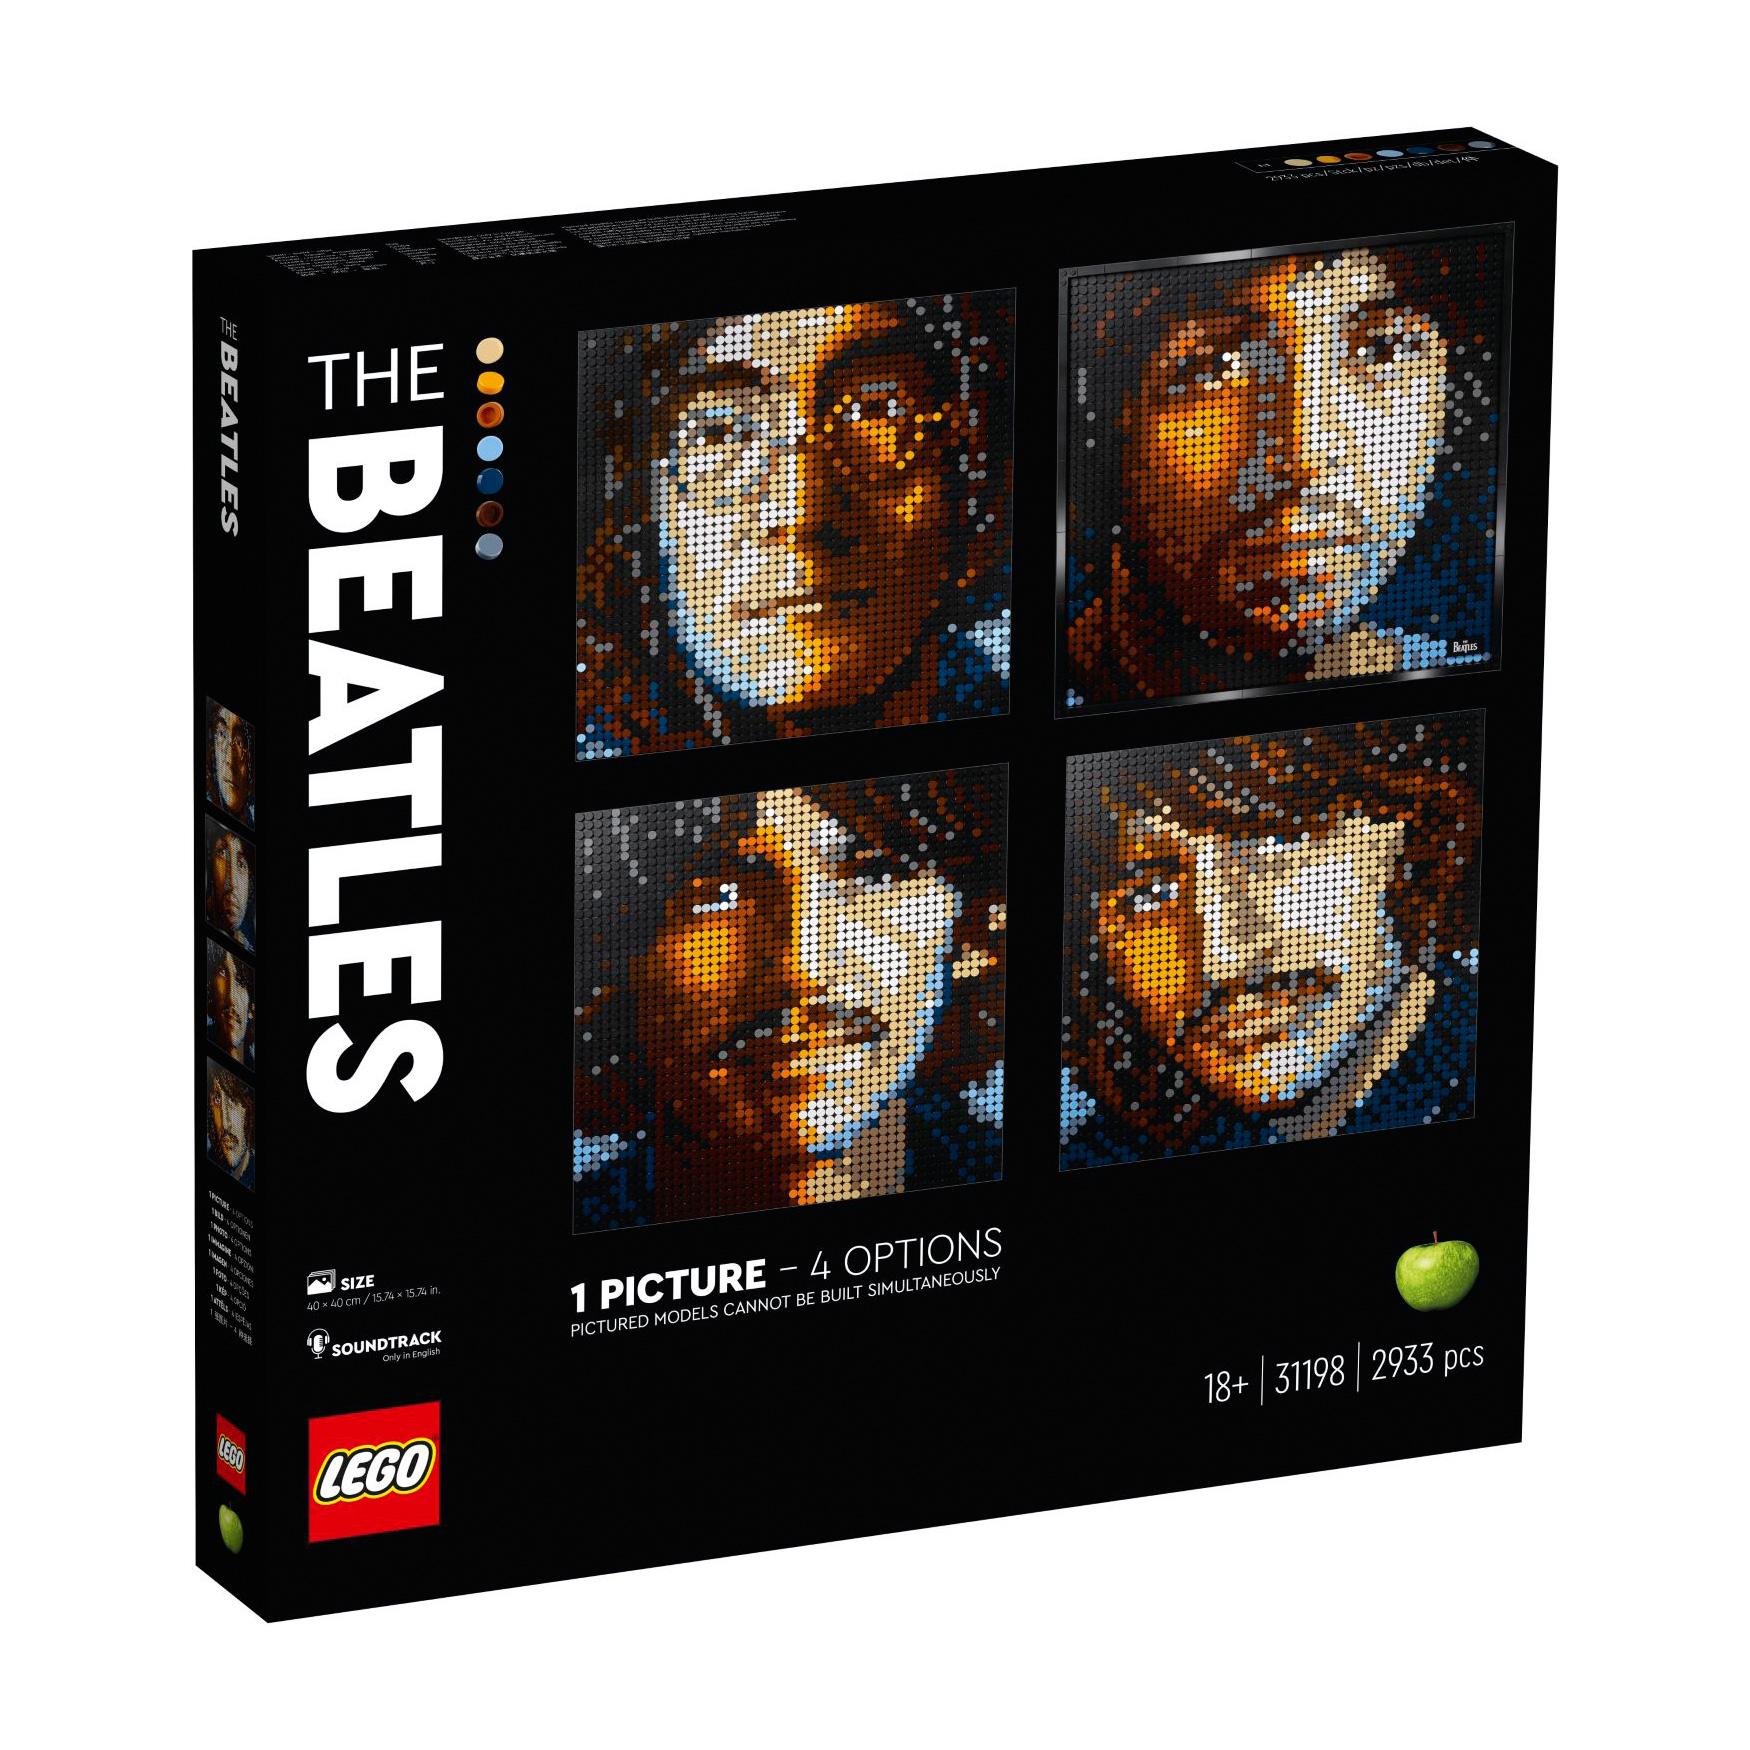 לגו מגה סטור ART 31198 LEGO The Beatles